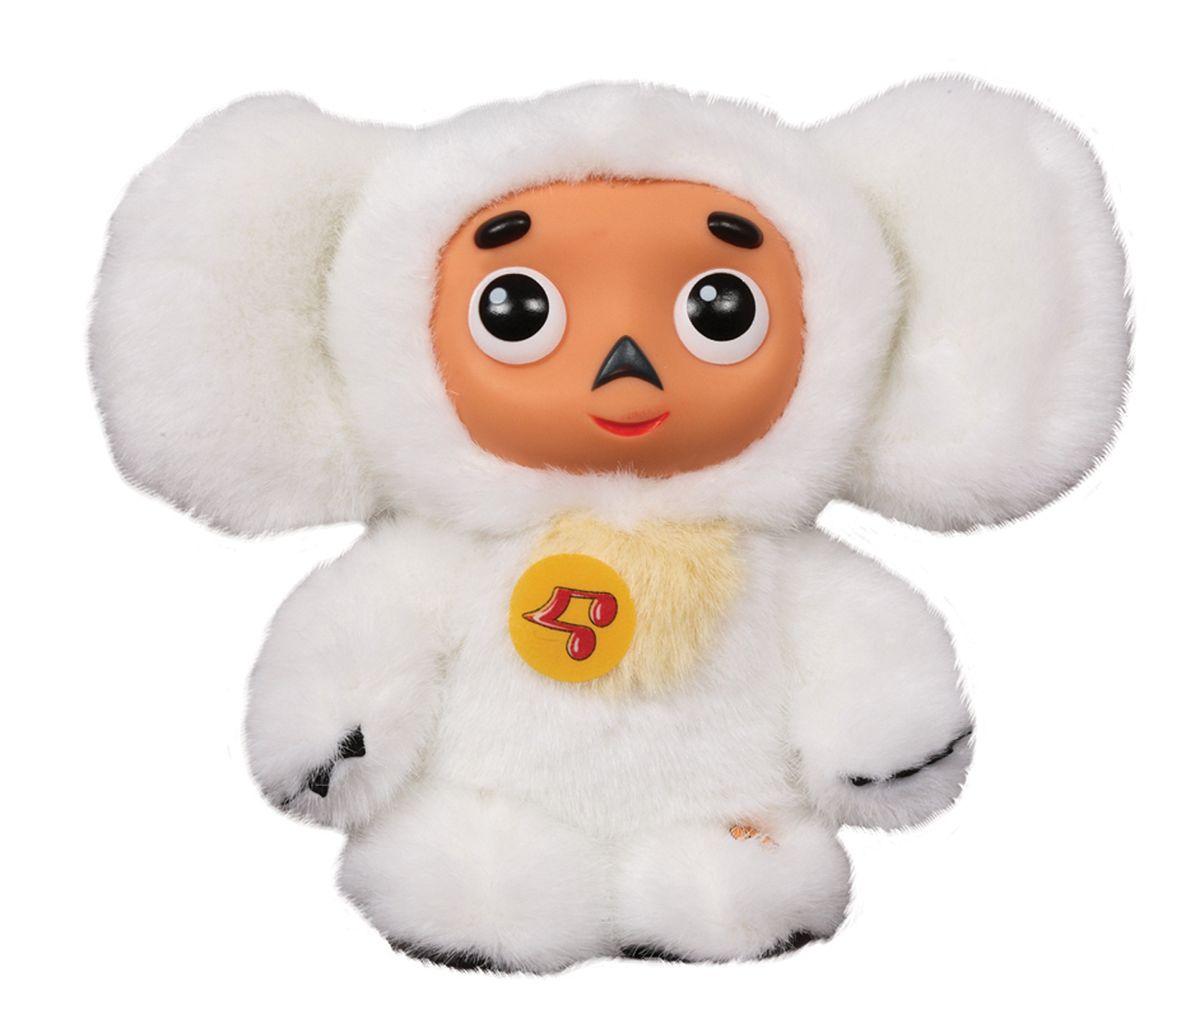 Мульти-Пульти Мягкая игрушка Чебурашка 14 смV85363/14CМягкая игрушка сама по себе ассоциируется с радостью и весельем, конечно, и для наших детей такой подарок станет поистине незабываемым. Забавные, добрые мягкие игрушки радуют детей с самого рождения. Ведь уже в первые месяцы жизни ребенок проявляет интерес к плюшевым зверятам и необычным персонажам. Сначала они помогают ему познавать окружающий мир через тактильные ощущения, знакомят его с животным миром нашей планеты, формируют цветовосприятие и способствуют концентрации внимания.